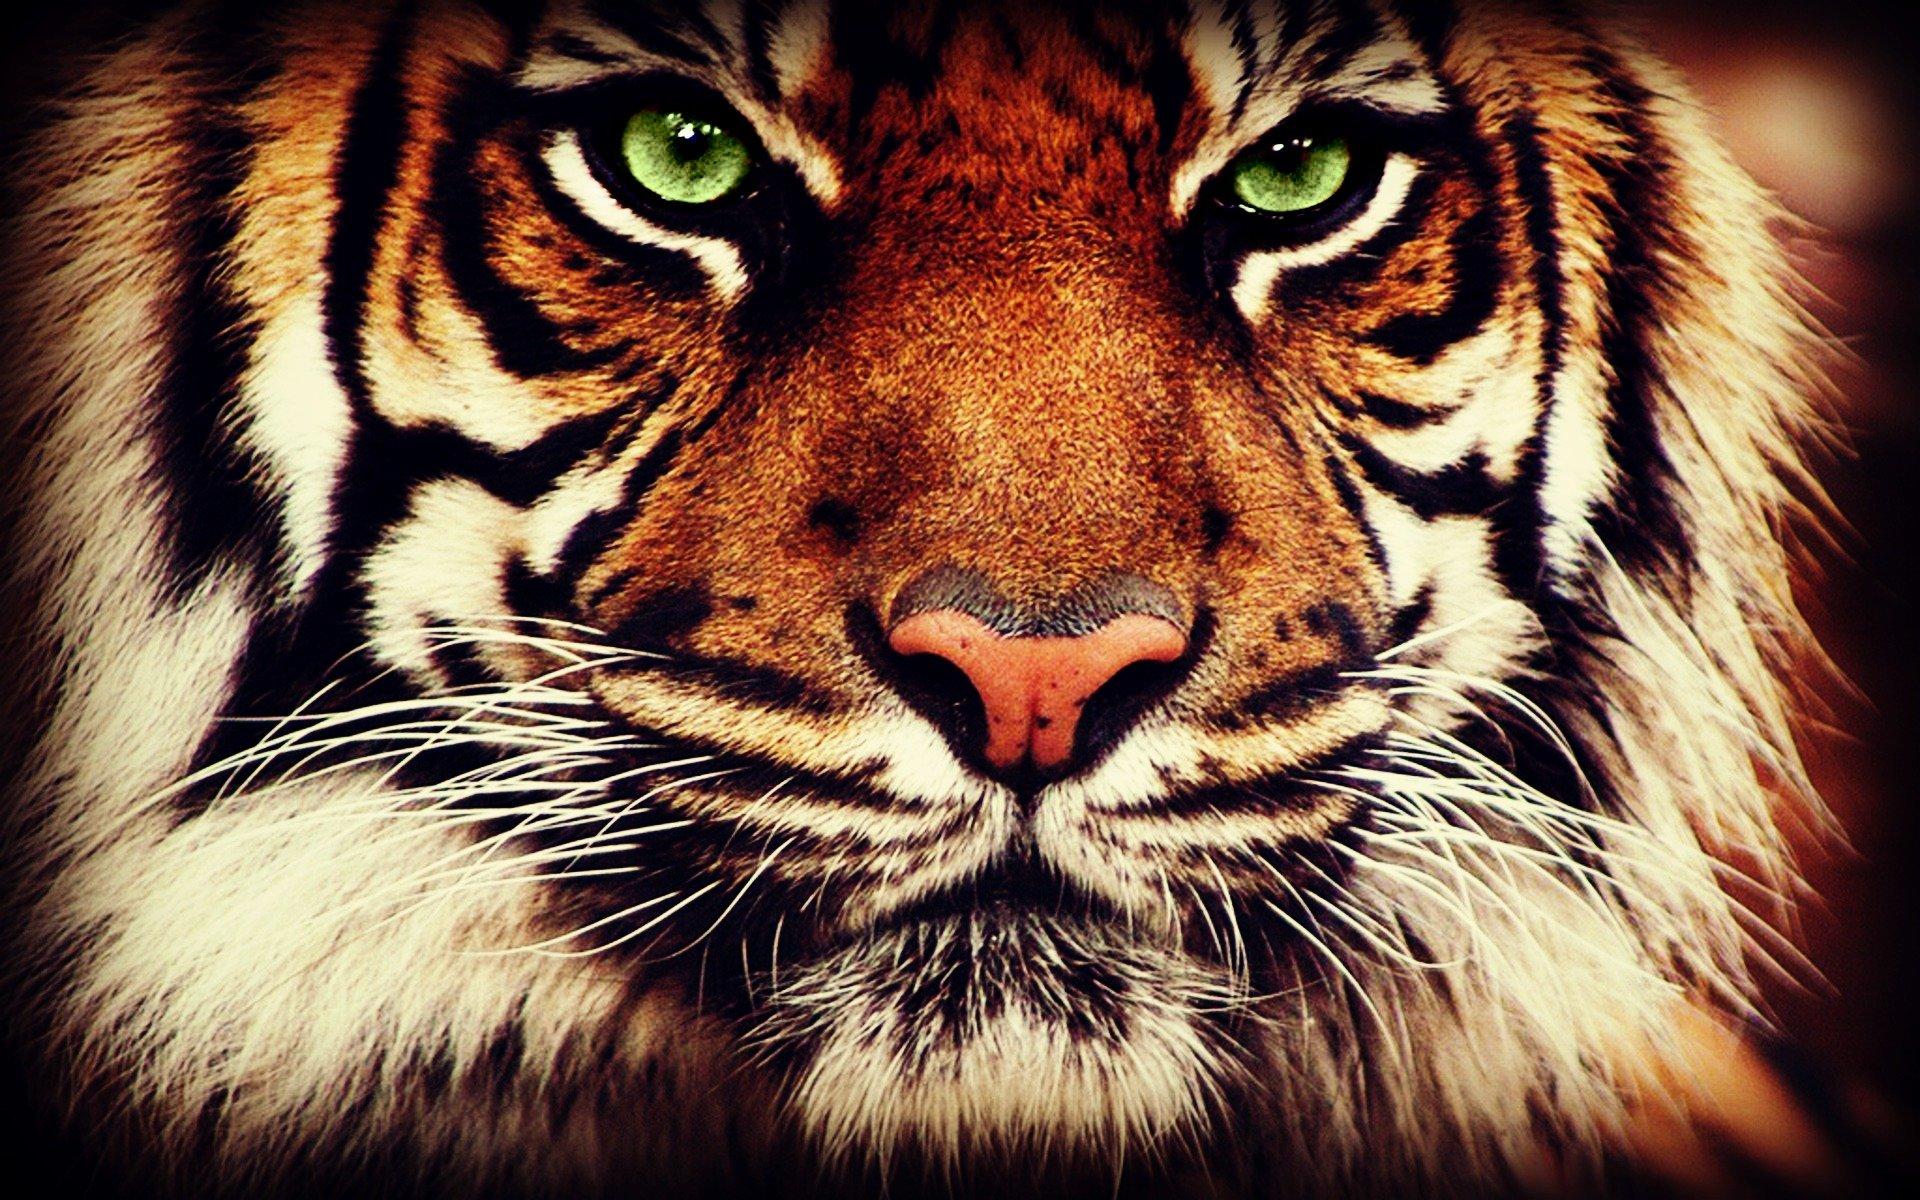 Tiger Face Wallpaper -...